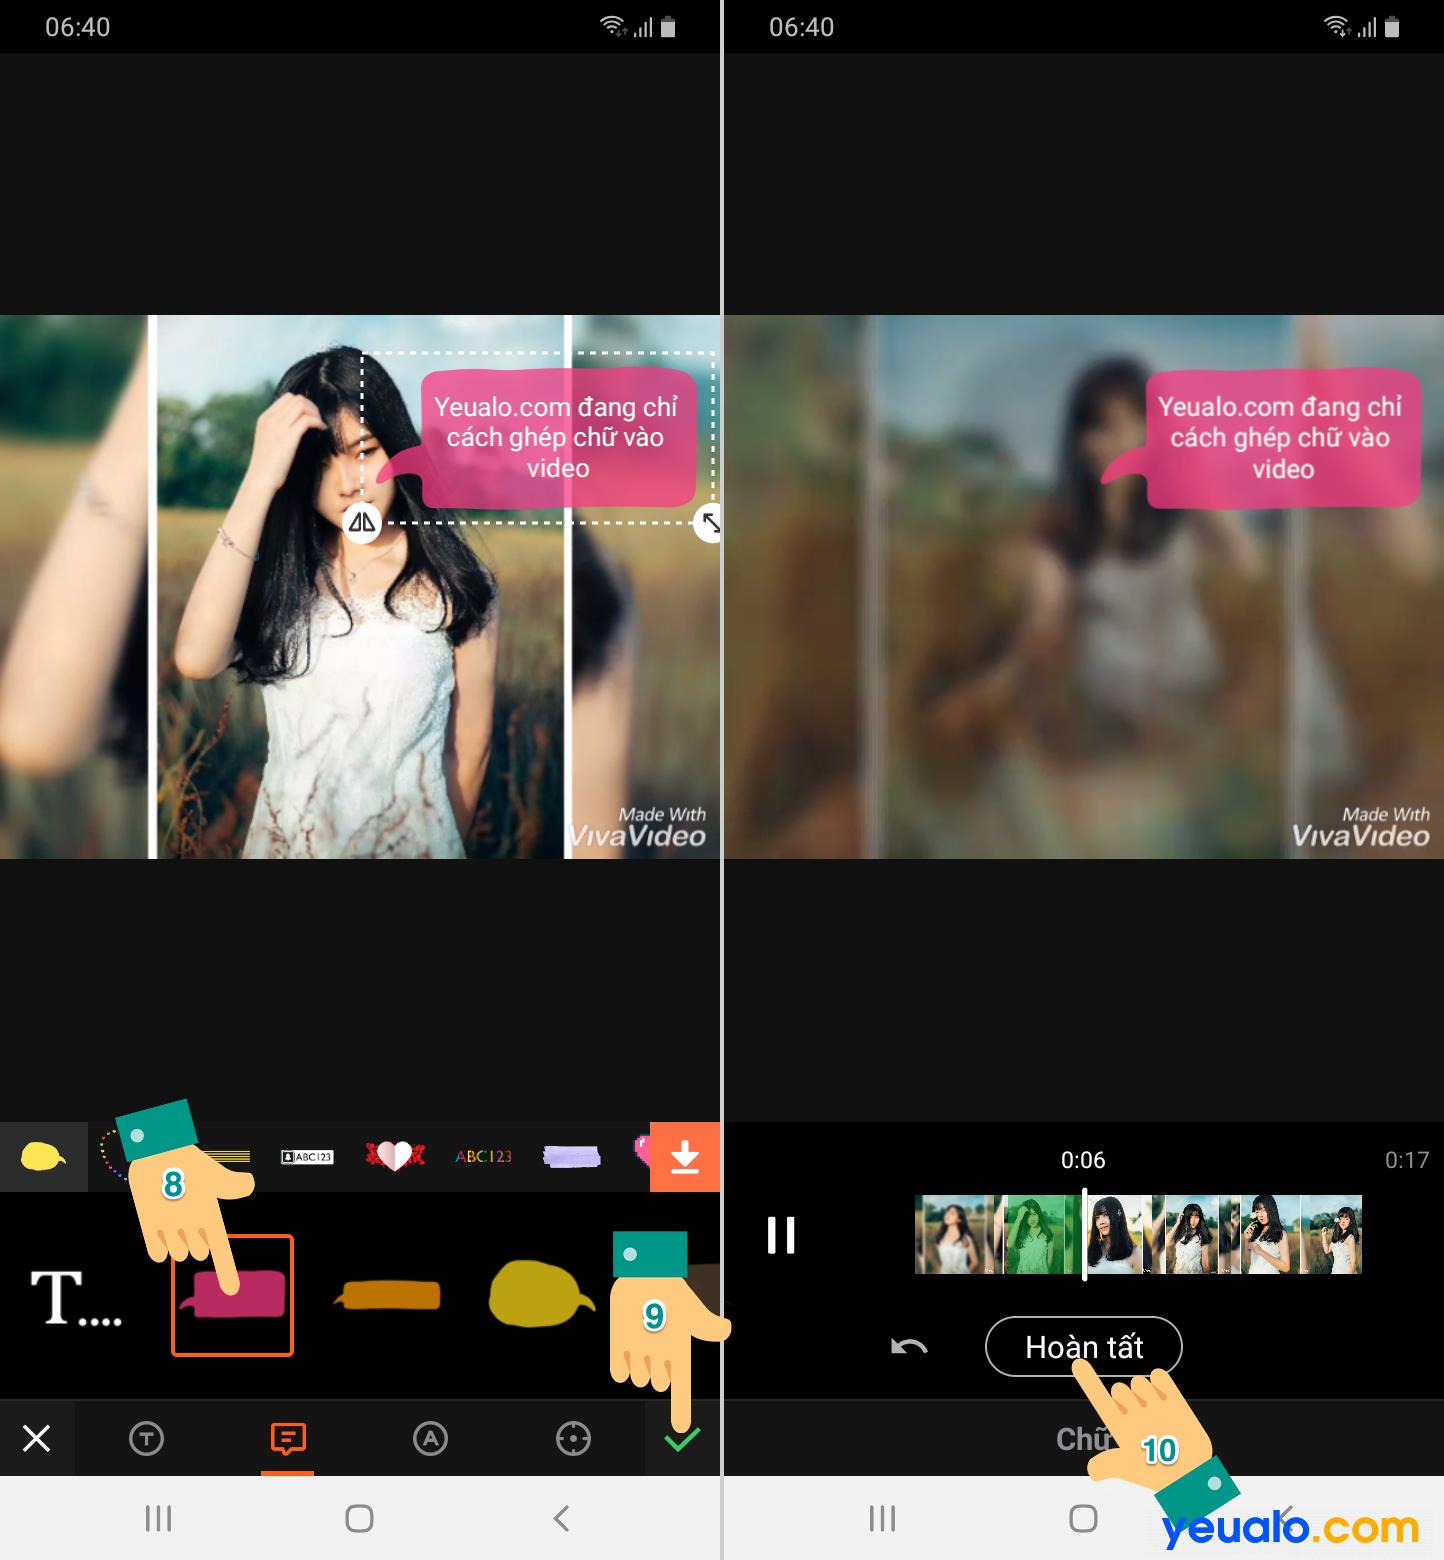 Cách chèn chữ vào Video trên điện thoại iPhone, Android, Samsung, Oppo…